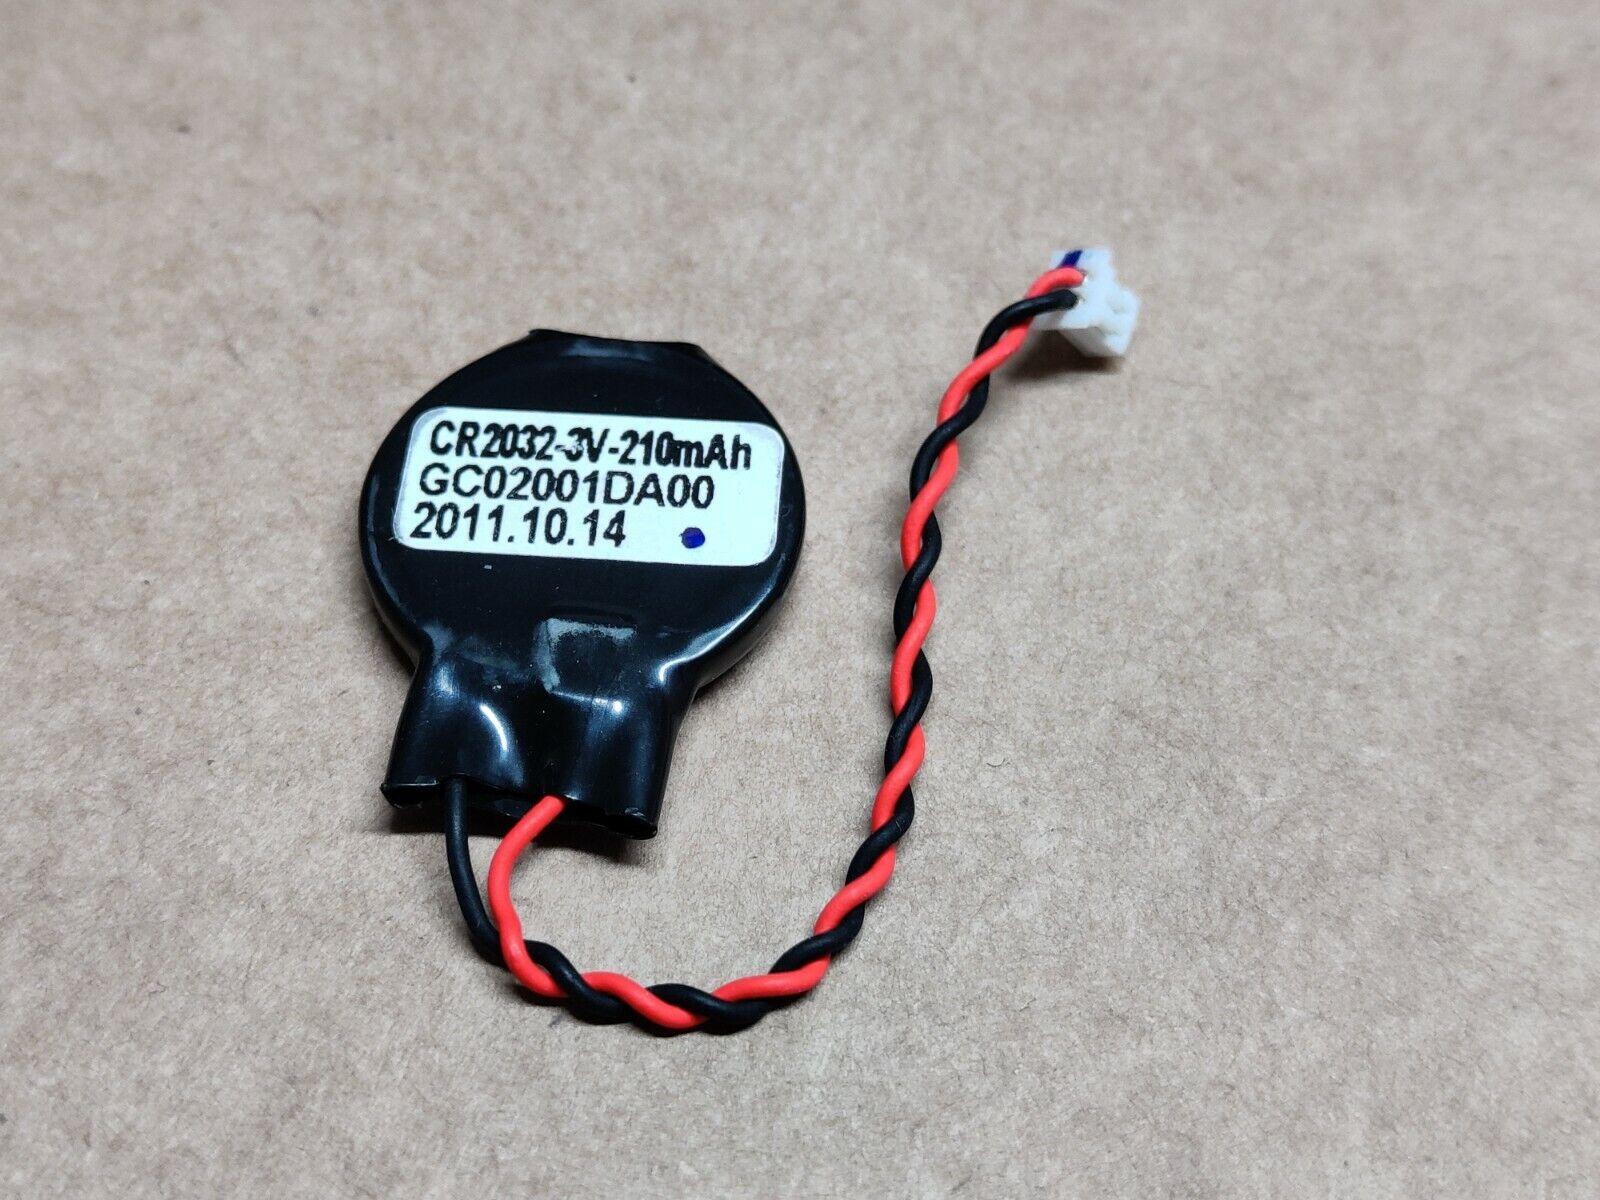 ✔️ Lenovo ThinkPad E530 CR2032 RTC battery GC02001DA00